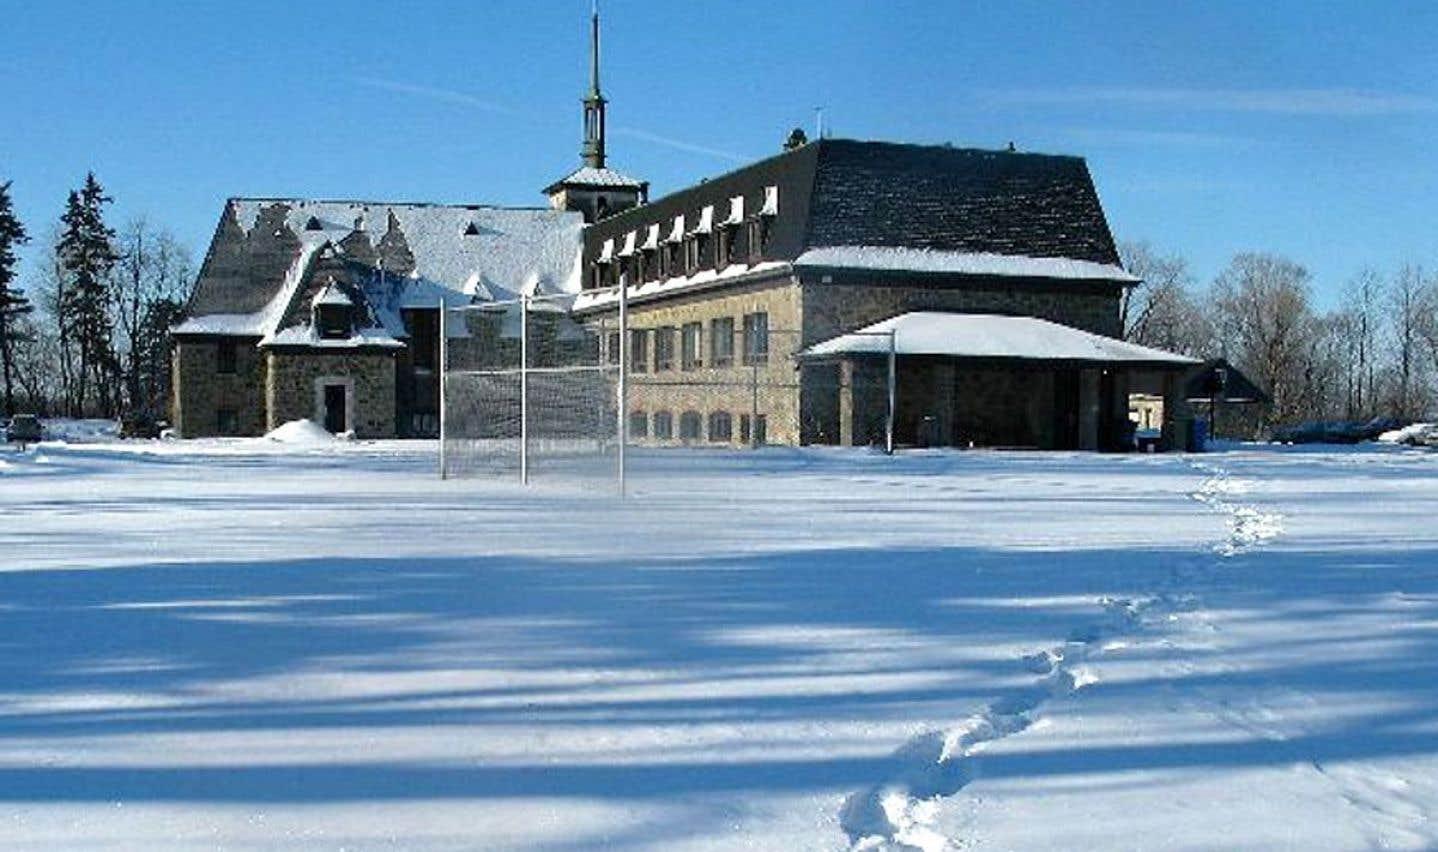 La maison Mélaric a fermé ses portes après 32 années d'activités, parfois marquées par des problèmes administratifs.